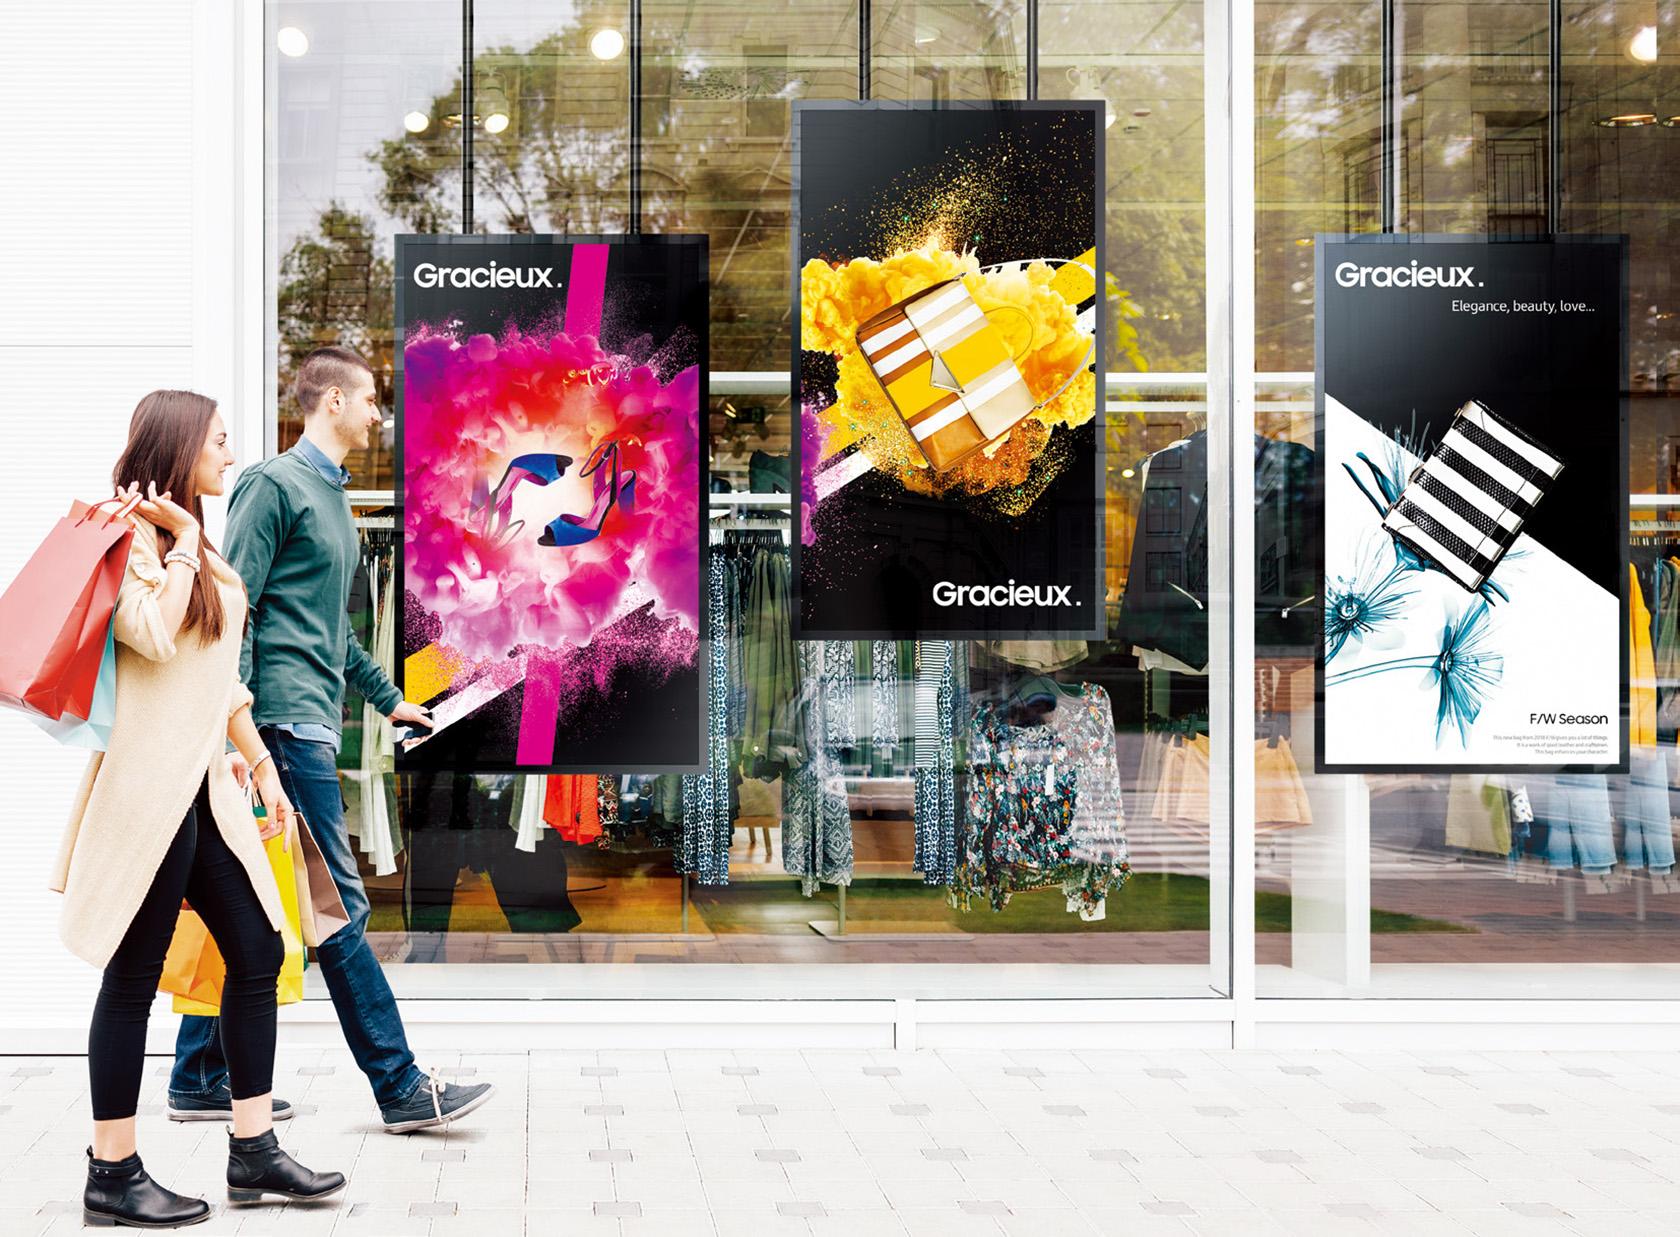 Schaufensterdisplays der Reihe Samsung Semi-Outdoor